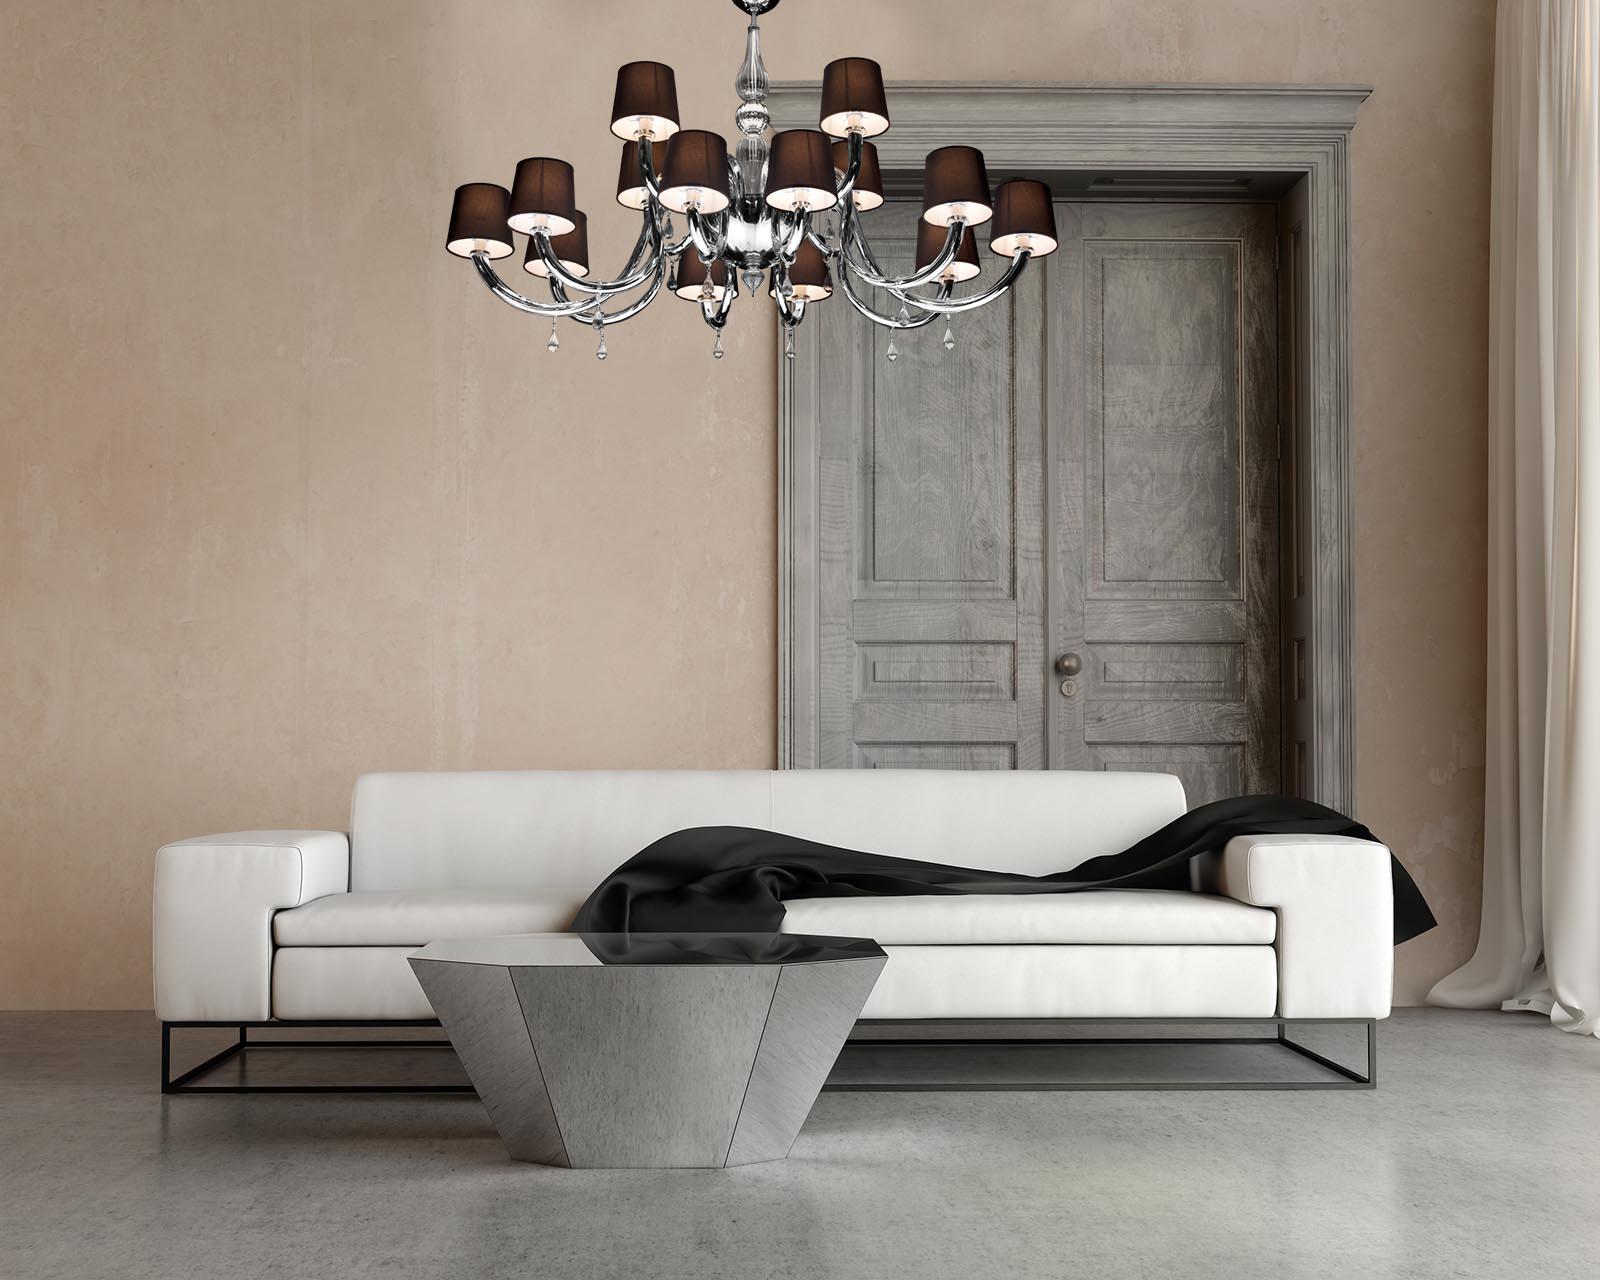 Tiepolo lampadario moderno in vetro di murano soffiato for Lampadario vetro murano moderni